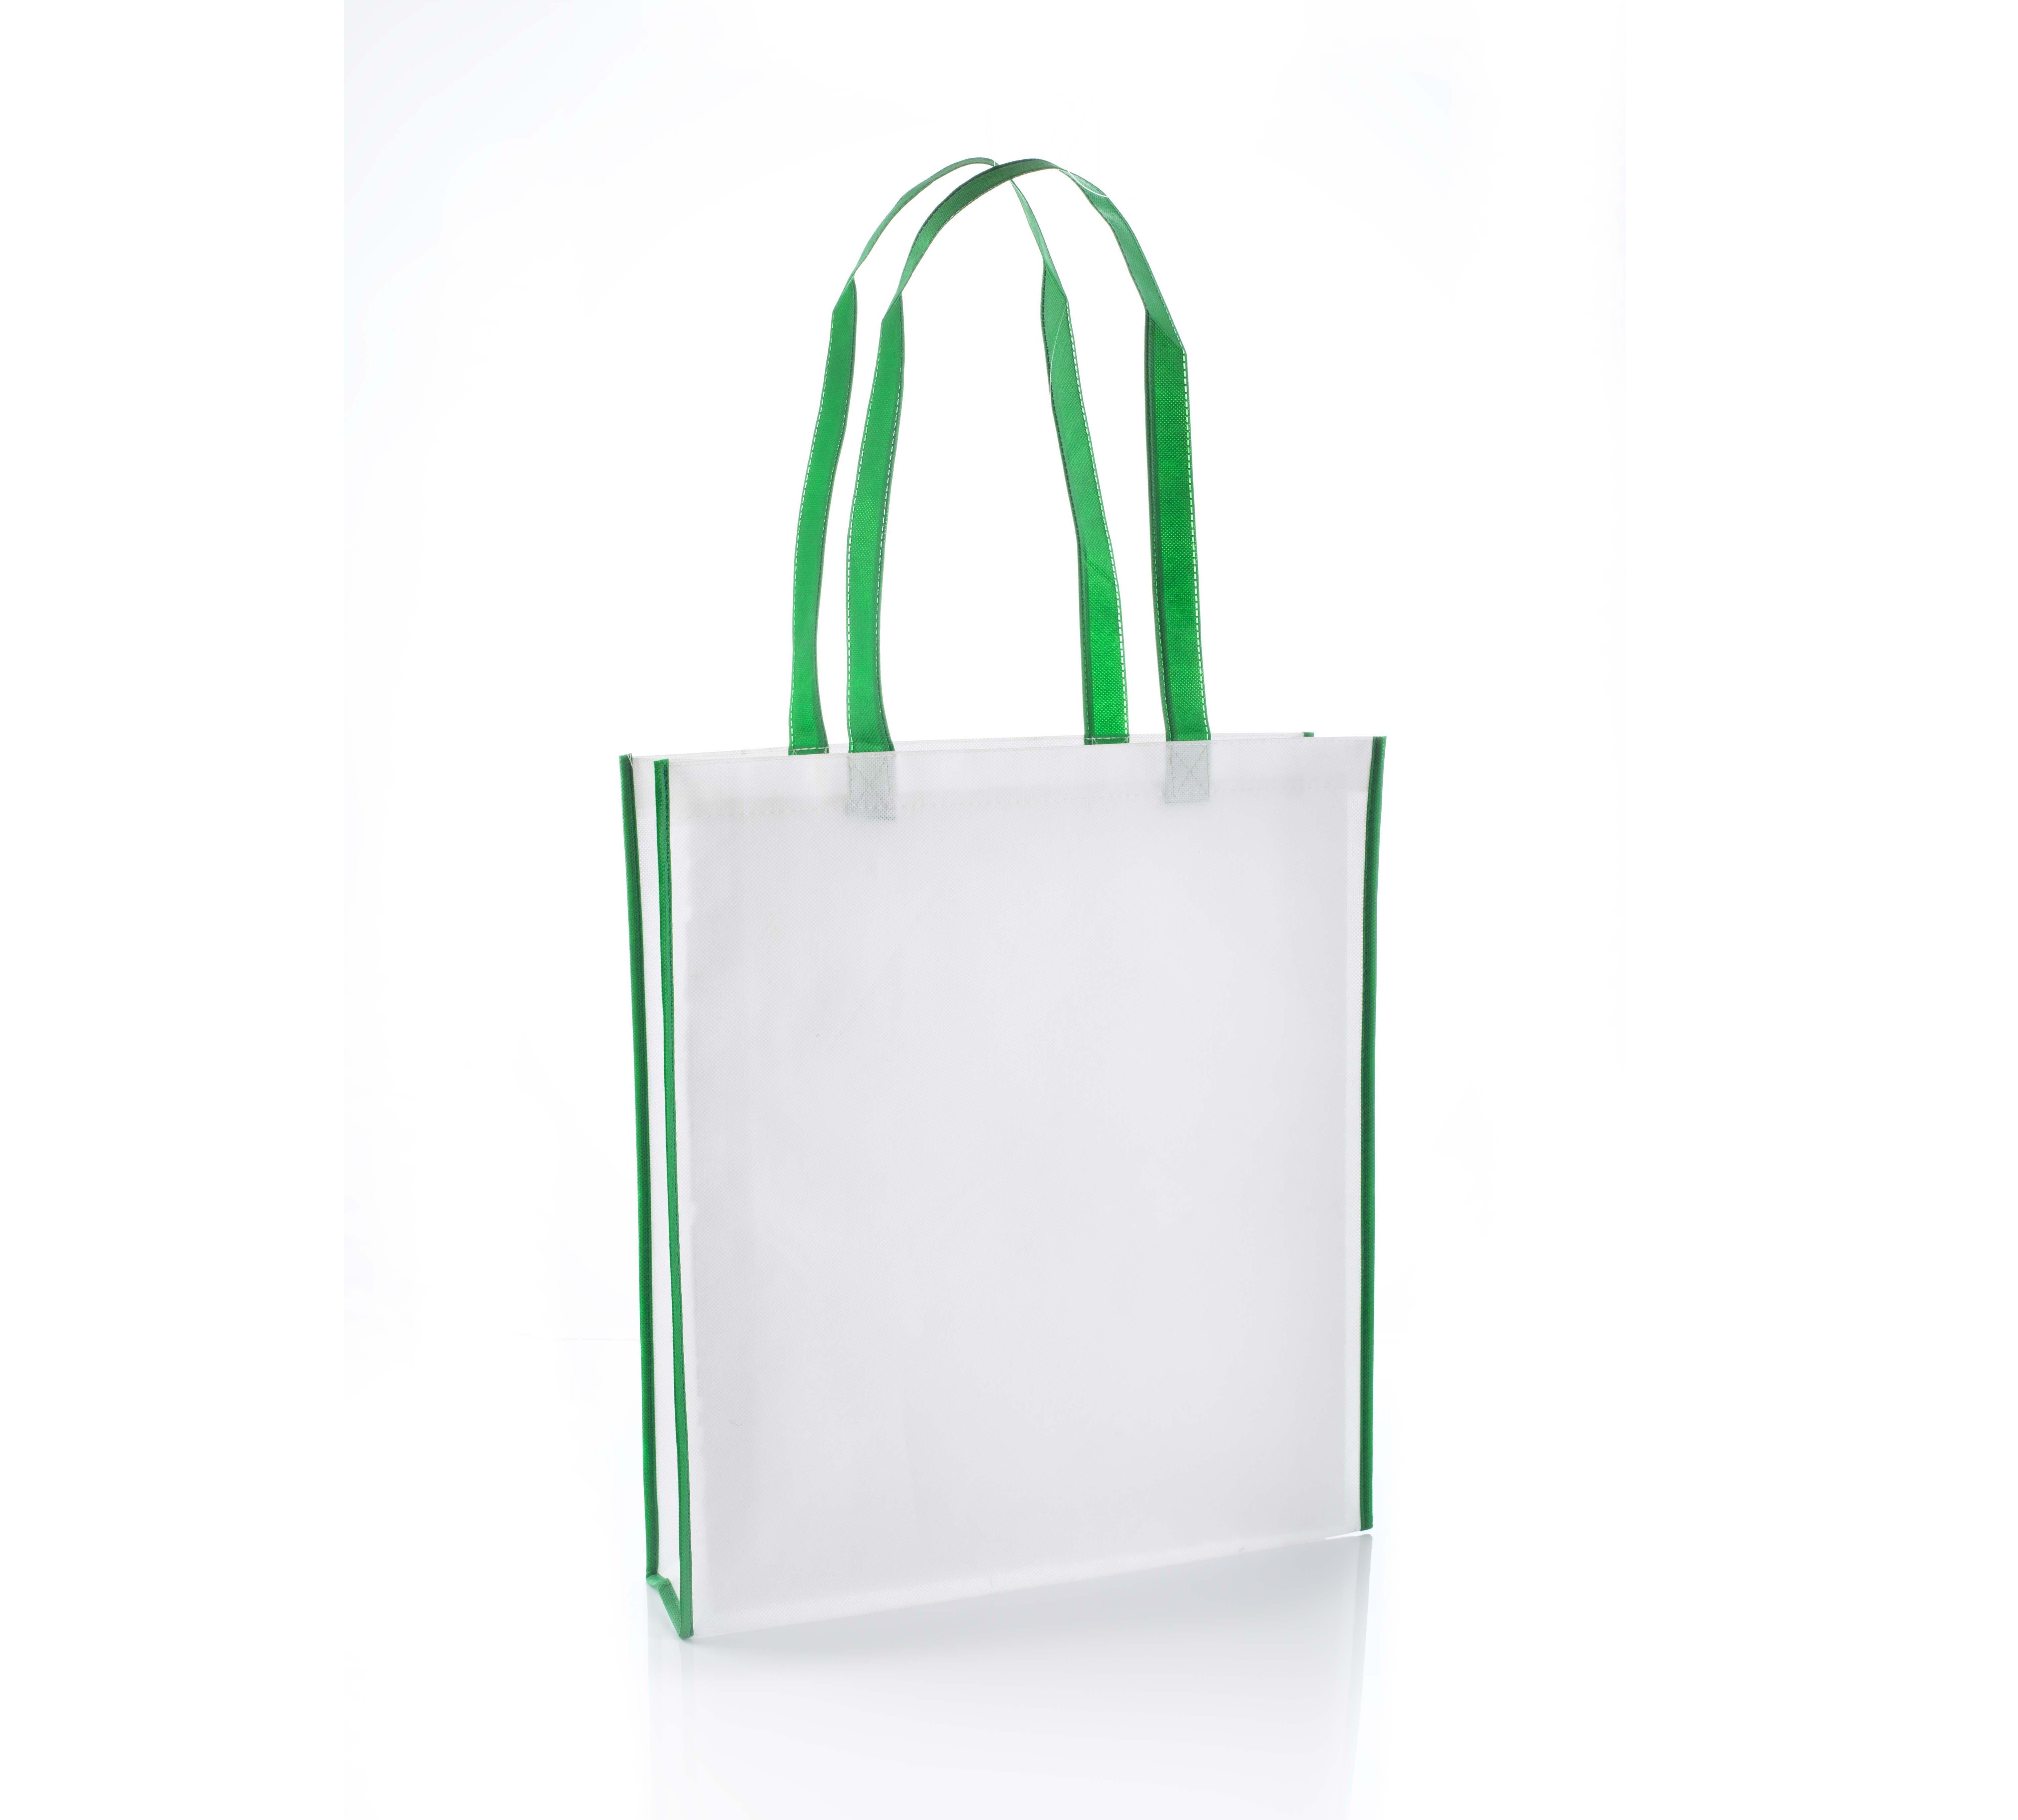 Virginia Green Non Woven Tote Bag